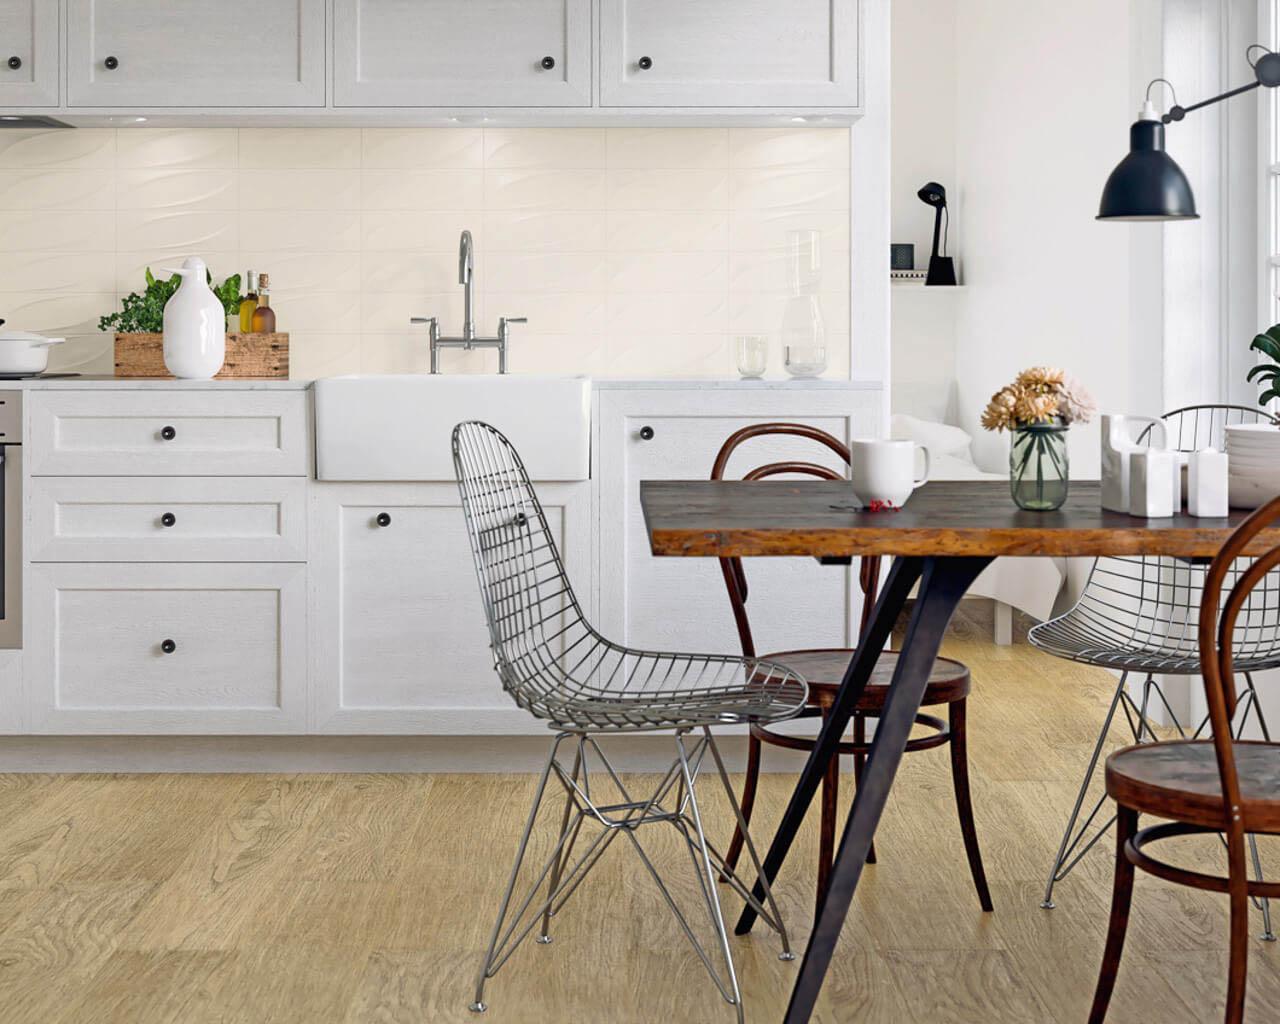 Biała kuchnia w stylu klasycznym, ze strukturalnymi kaflami